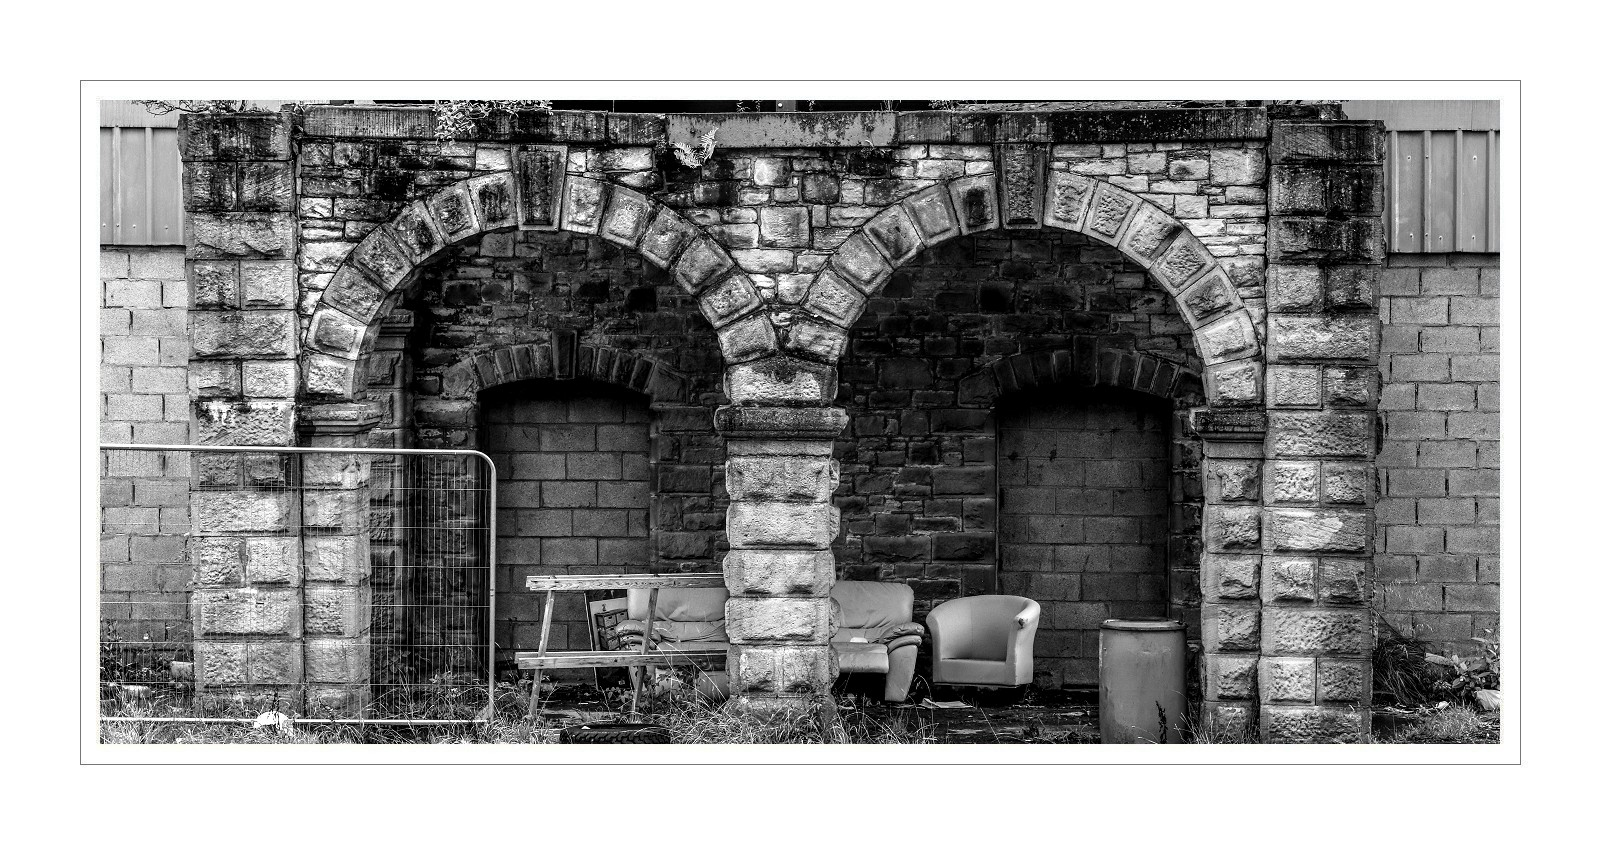 old-mill-6686.jpg